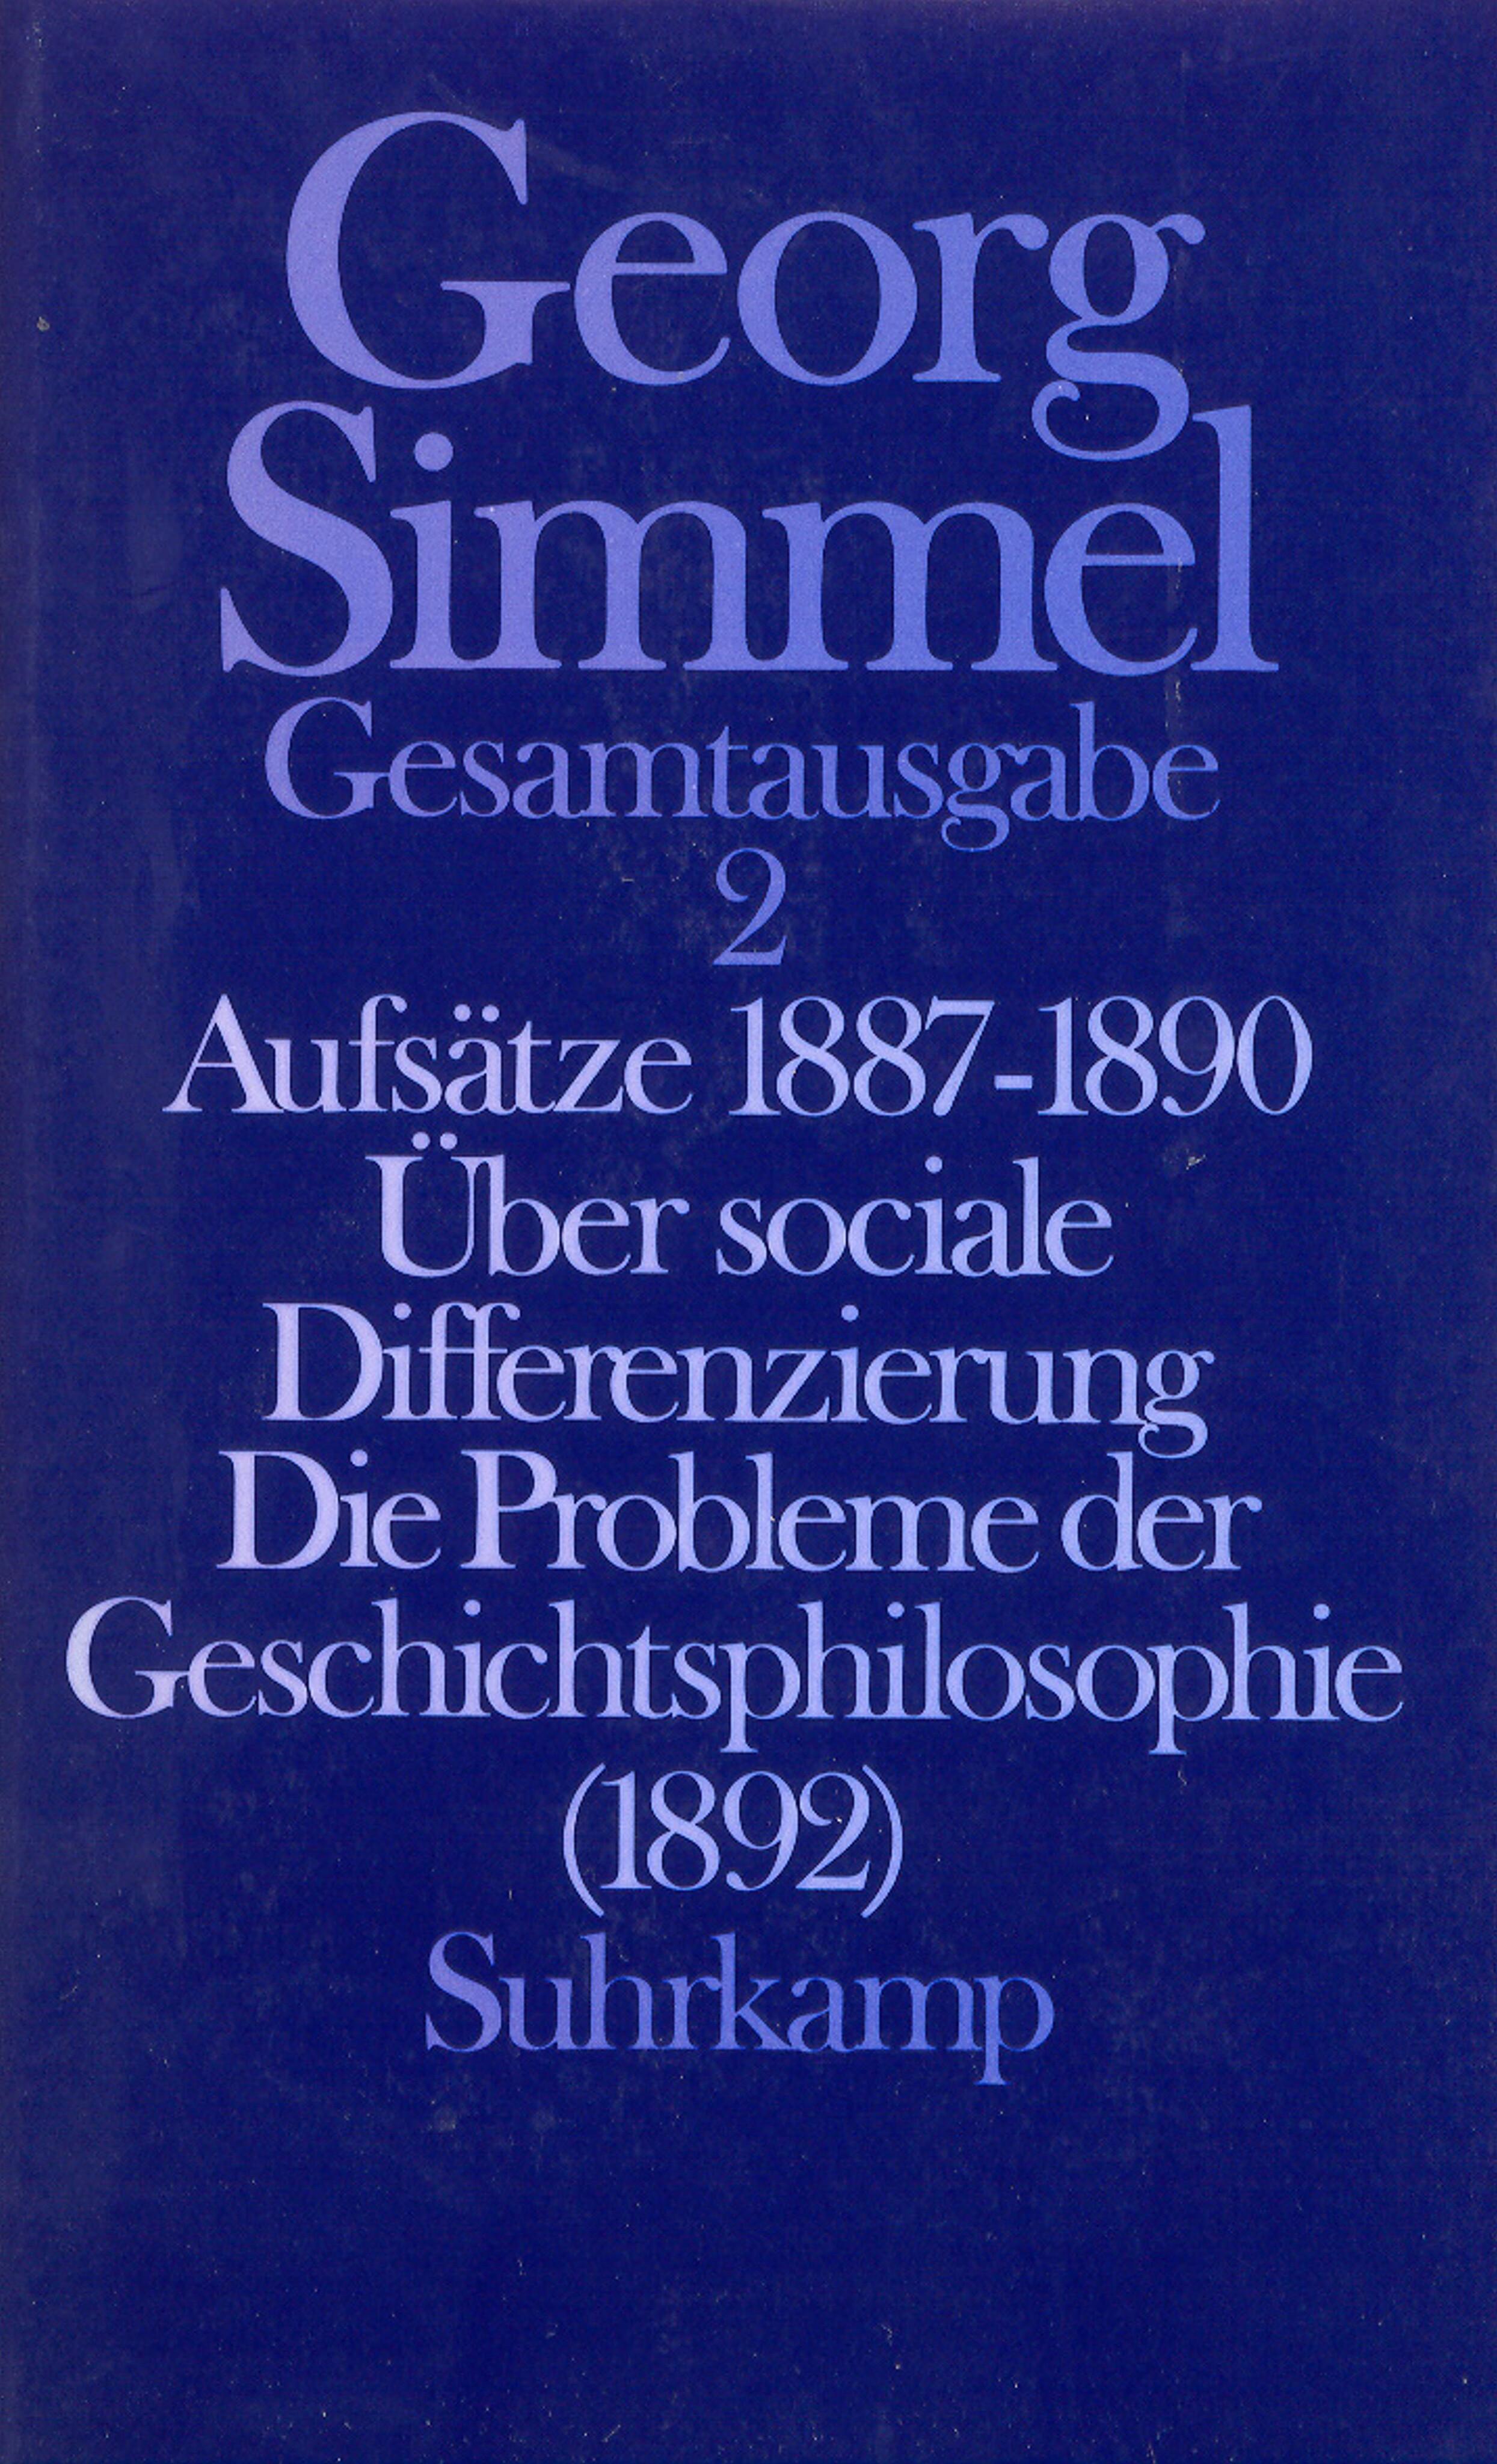 Aufsätze 1878 bis 1890, Heinz-Jürgen Dahme